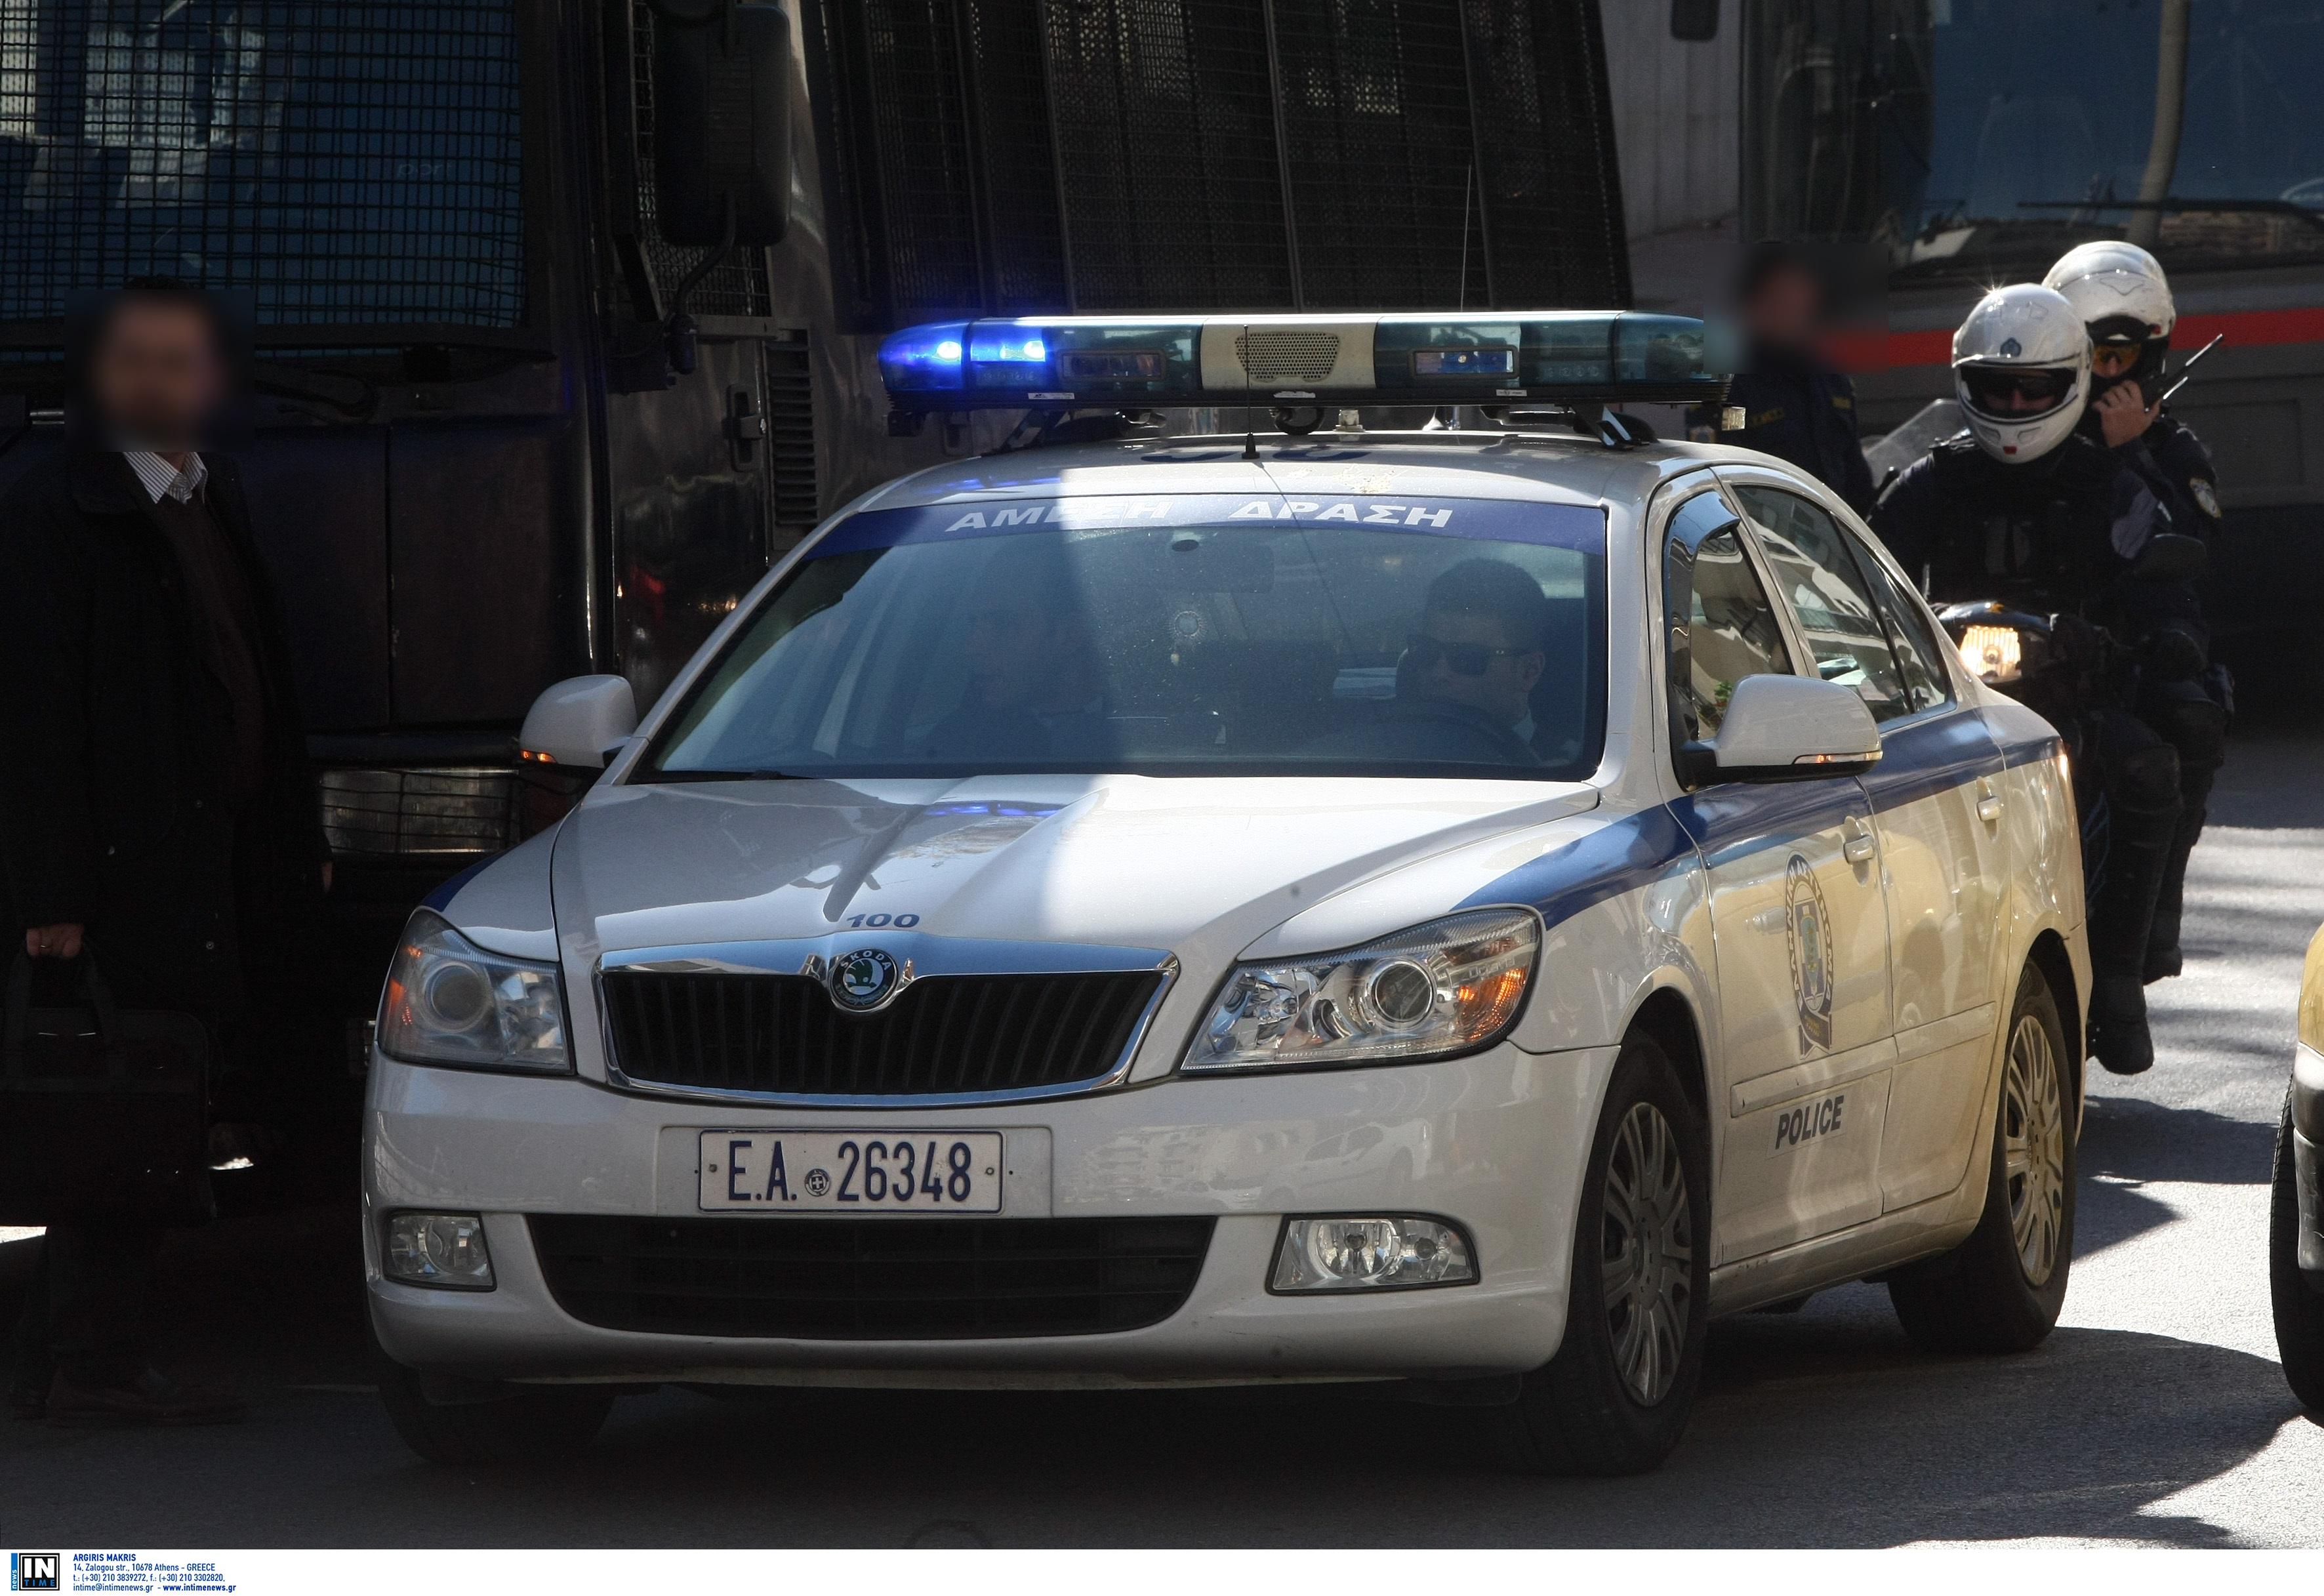 Πυροβολισμός έξω από το σπίτι πρώην υπουργού! Τραυματίστηκε γυναίκα μετά από καβγά με αστυνομικό